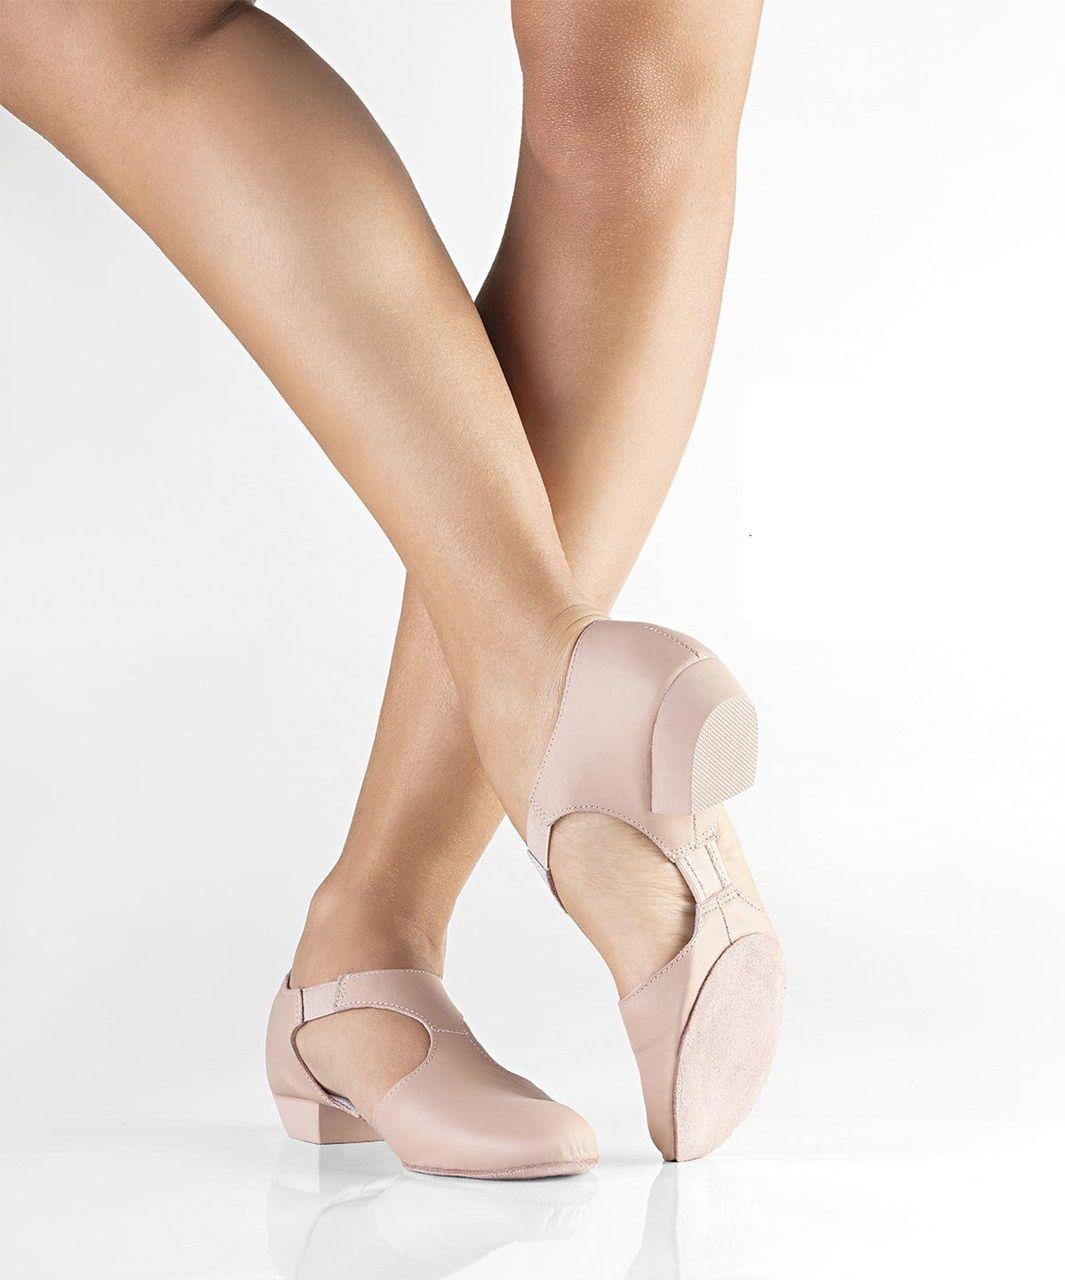 a17ffdad280cd Sandália Sapato Só Dança MD04 Couro Dança Moderna - Sport Center Jaraguá